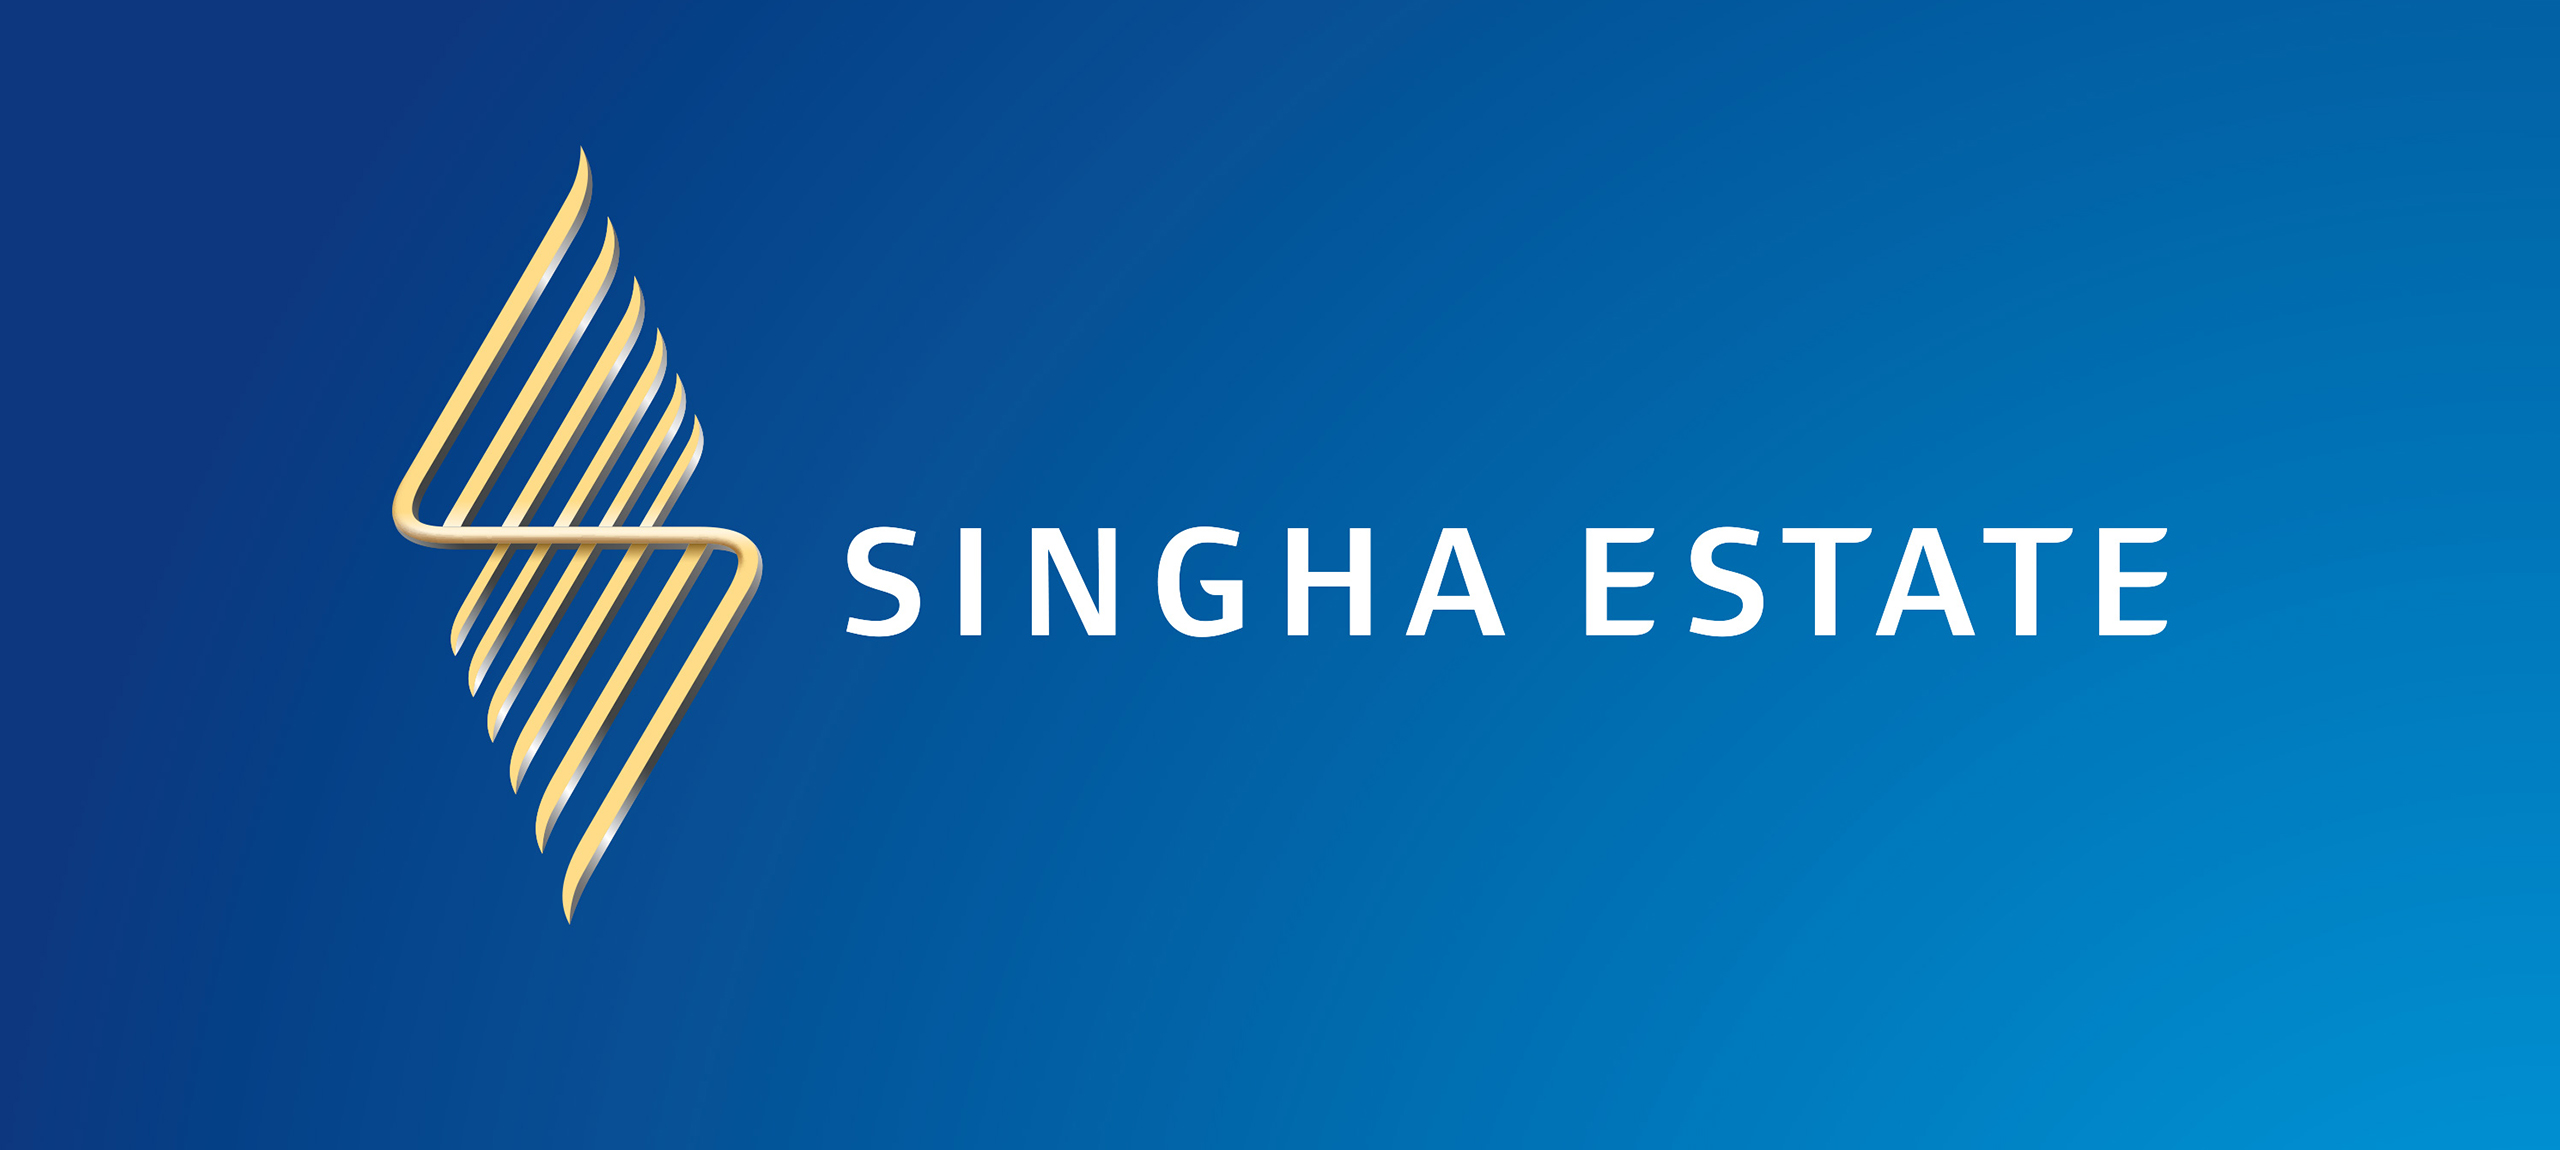 Singha Estate Brand Identity Logo Banner